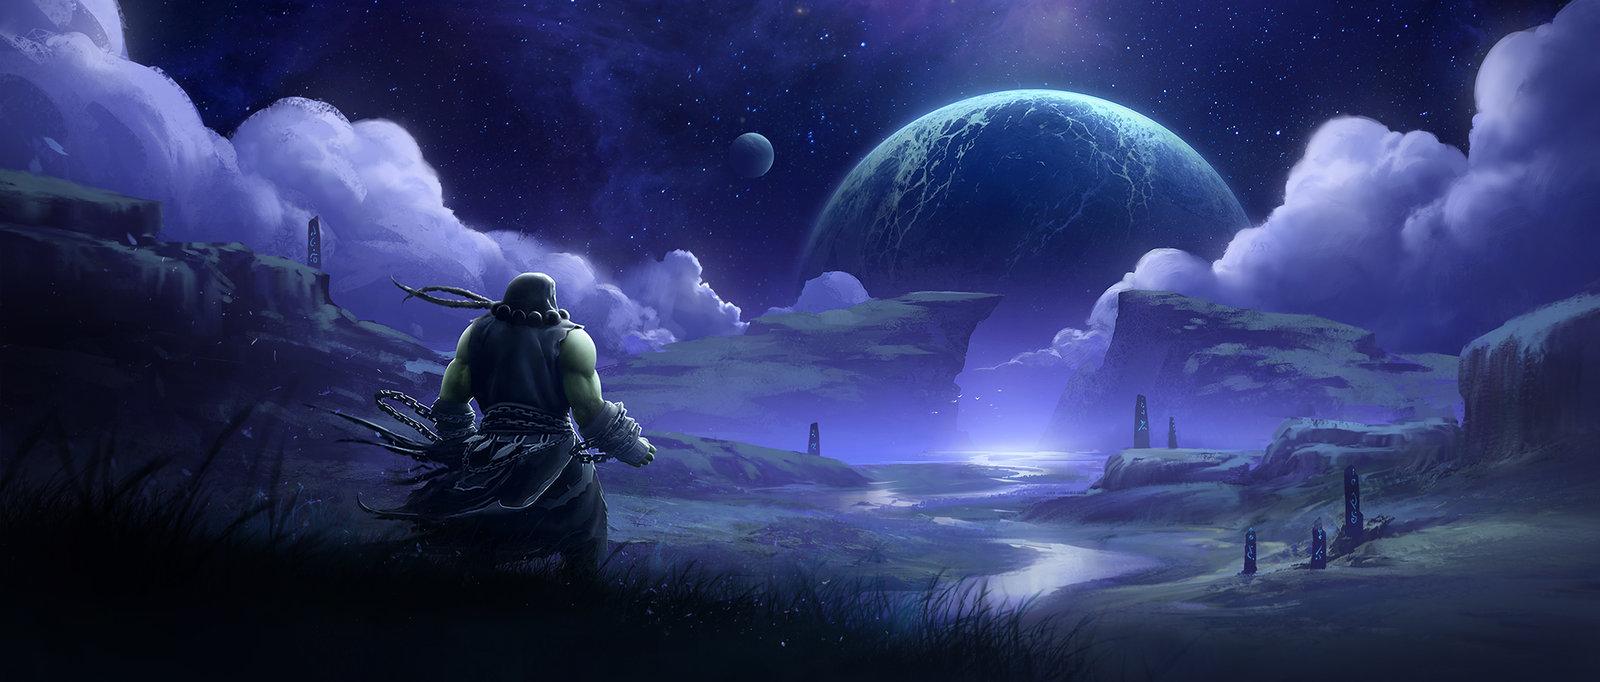 World of Warcraft Draenor Fan Art